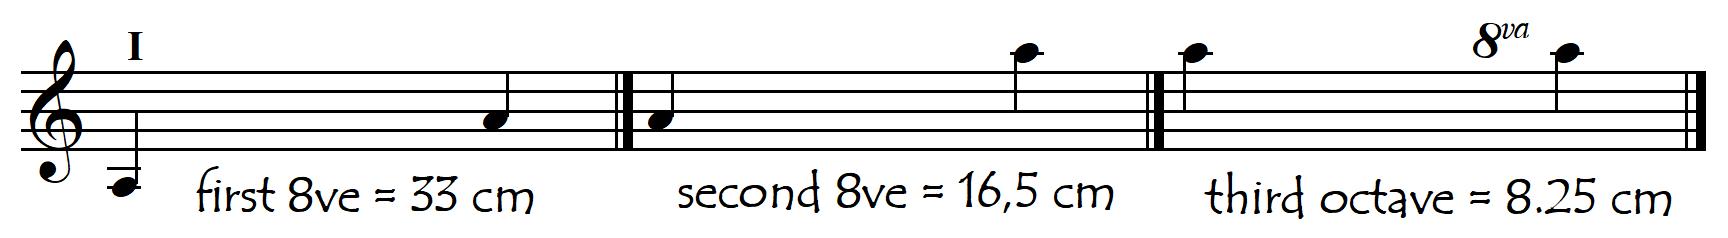 LH finger spacings octaves